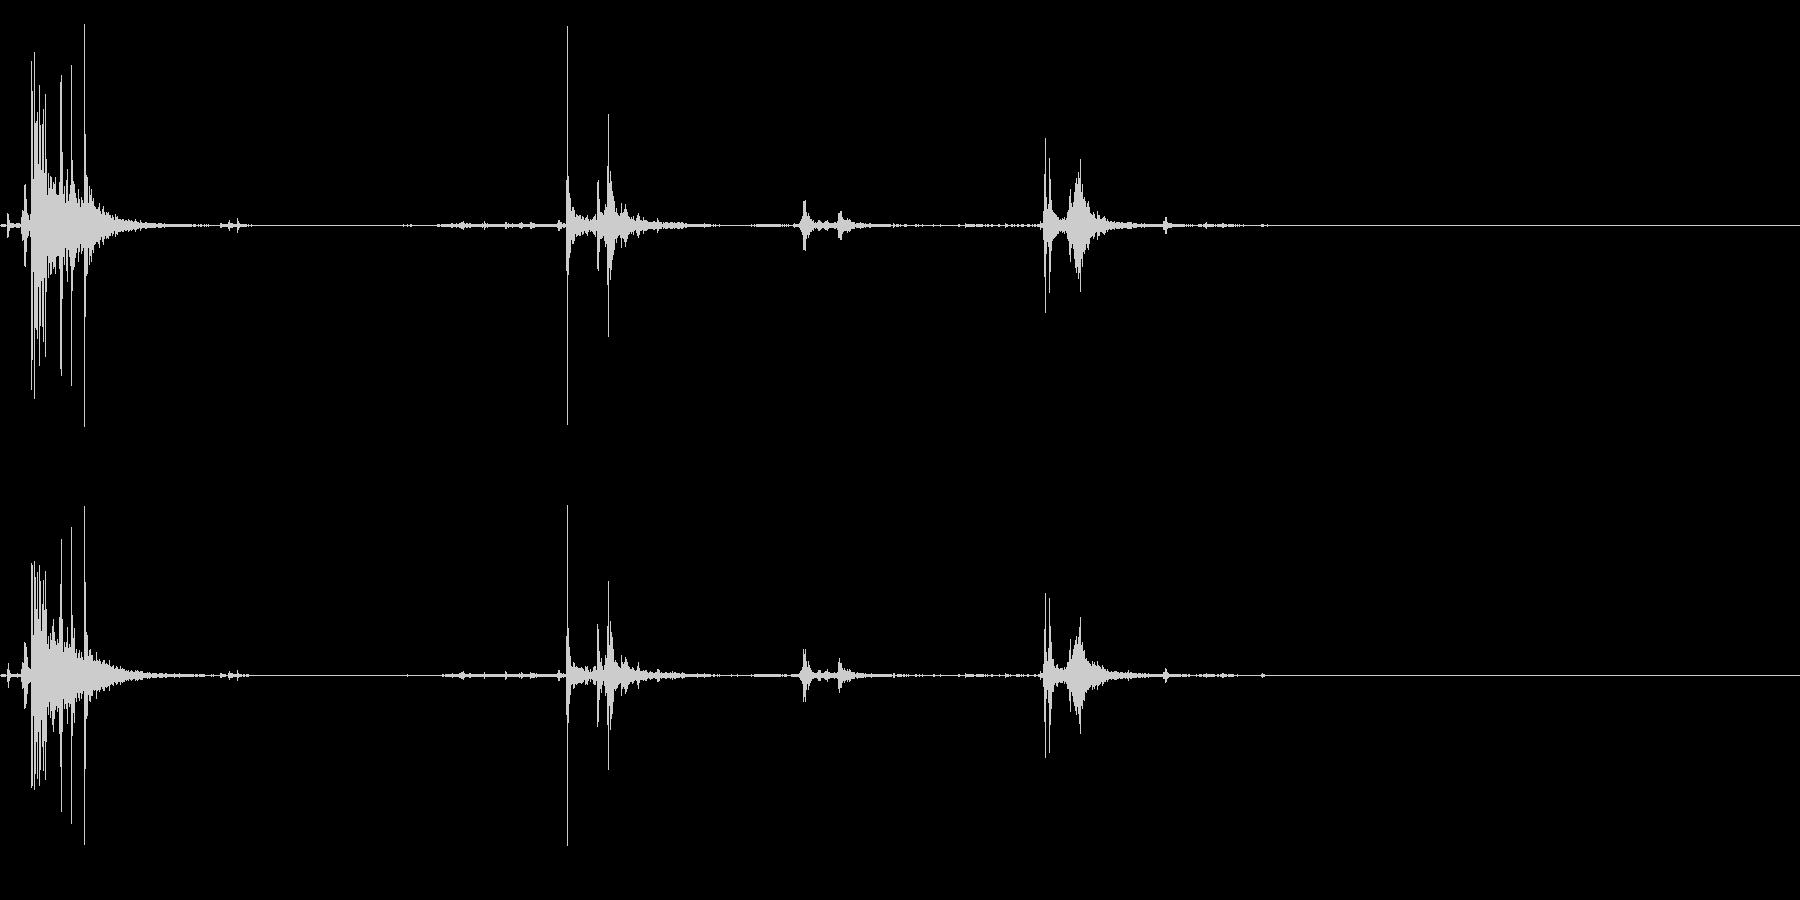 【生録音】パッケージ 開封音 10の未再生の波形